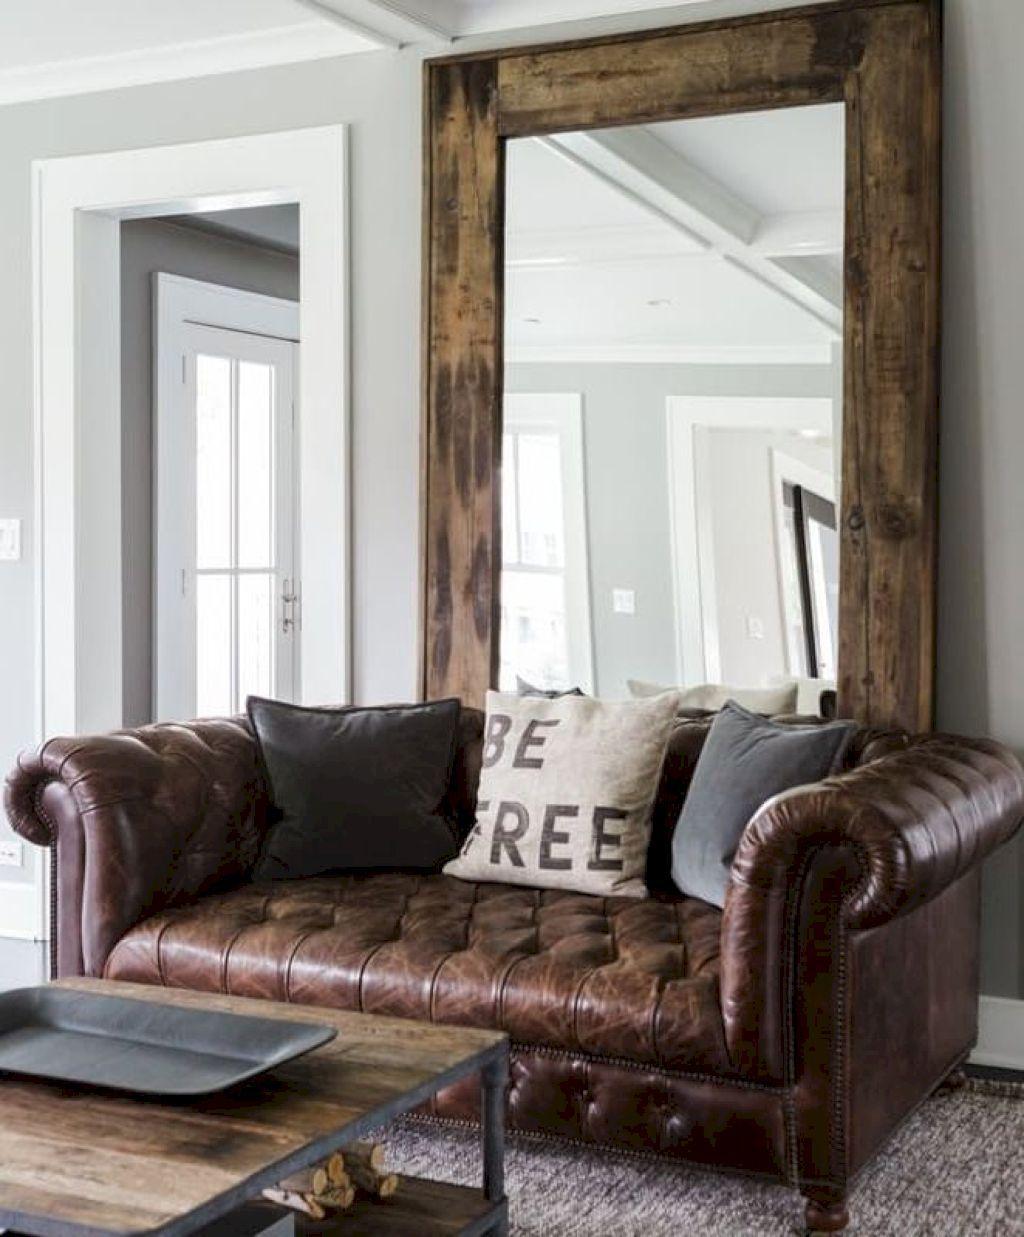 21 Comfy Modern Farmhouse Living Room Decor Ideas | Modern farmhouse ...